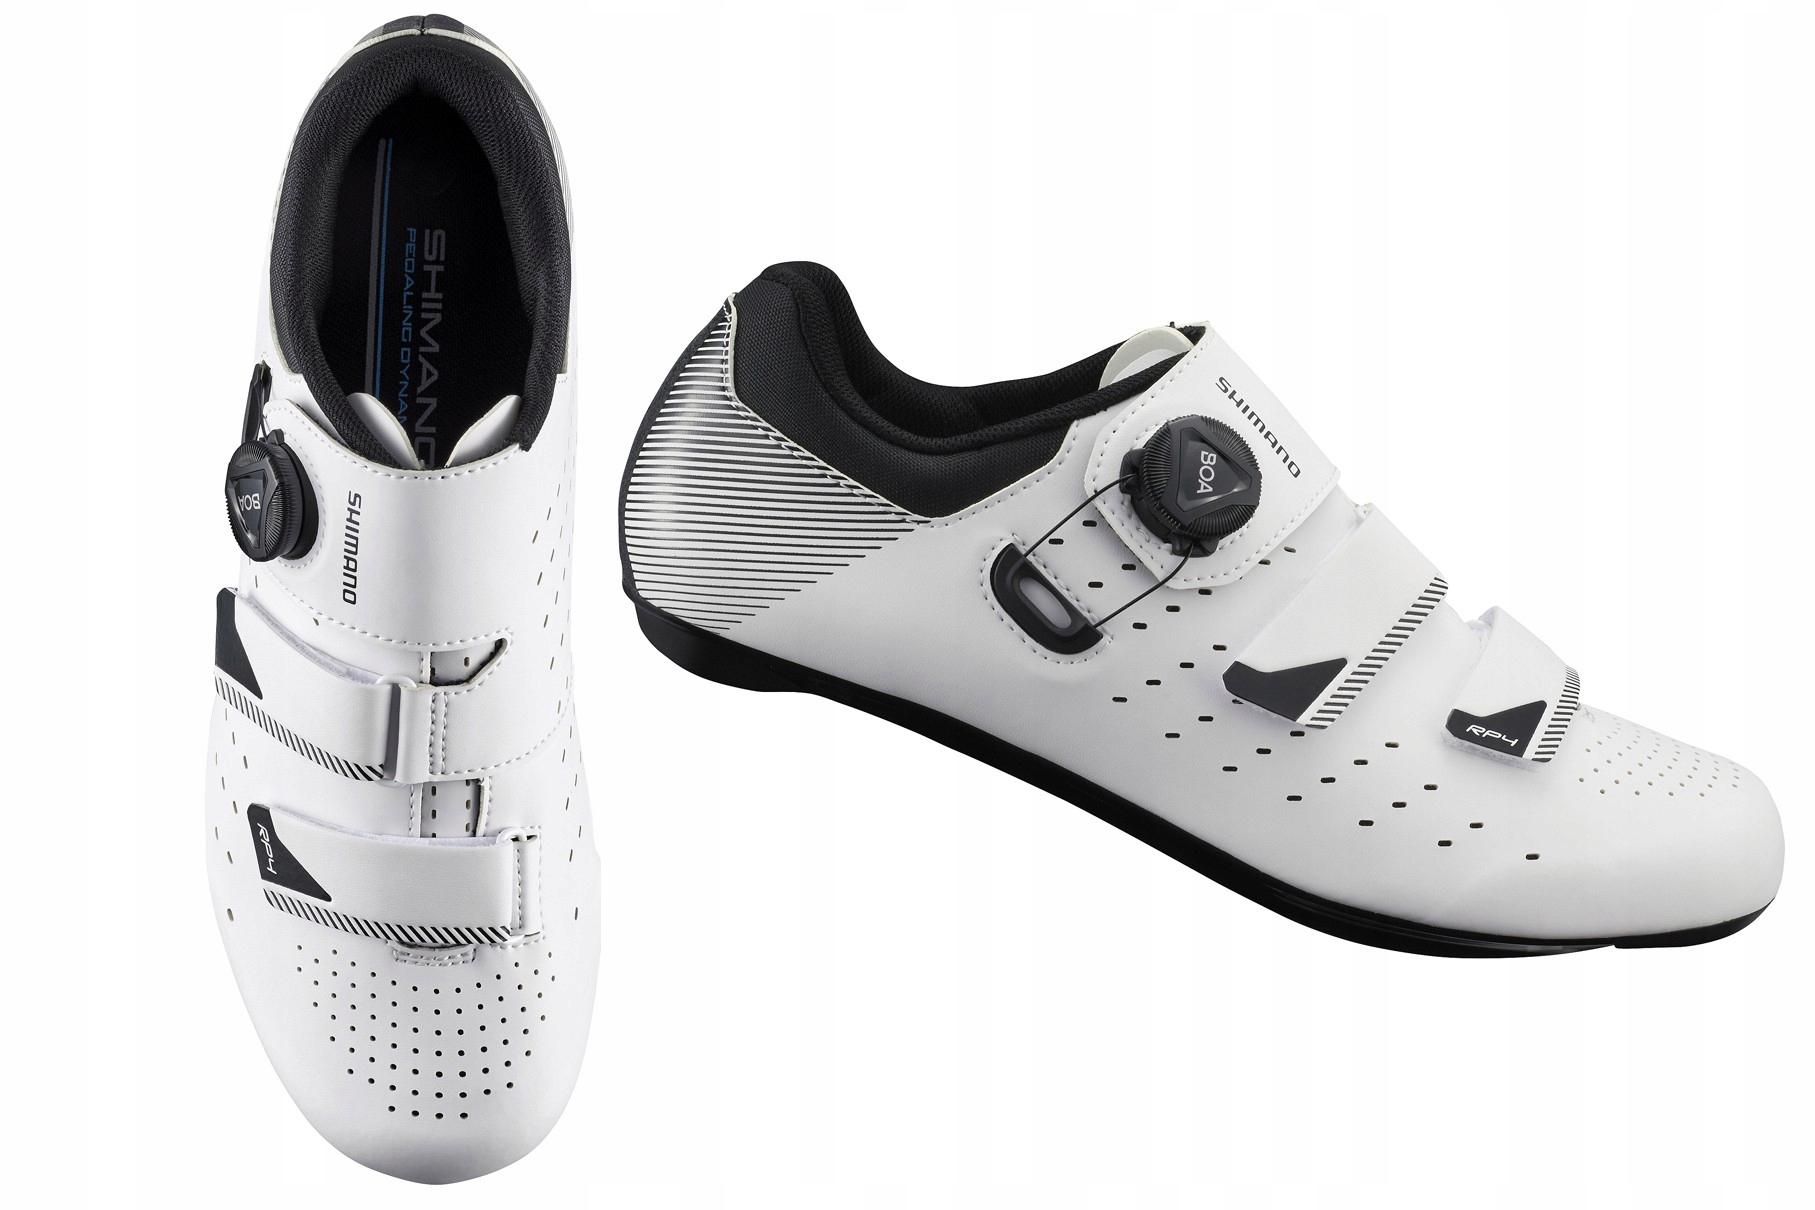 Shimano SH-RP400SW1 buty rozmiar 43 białe